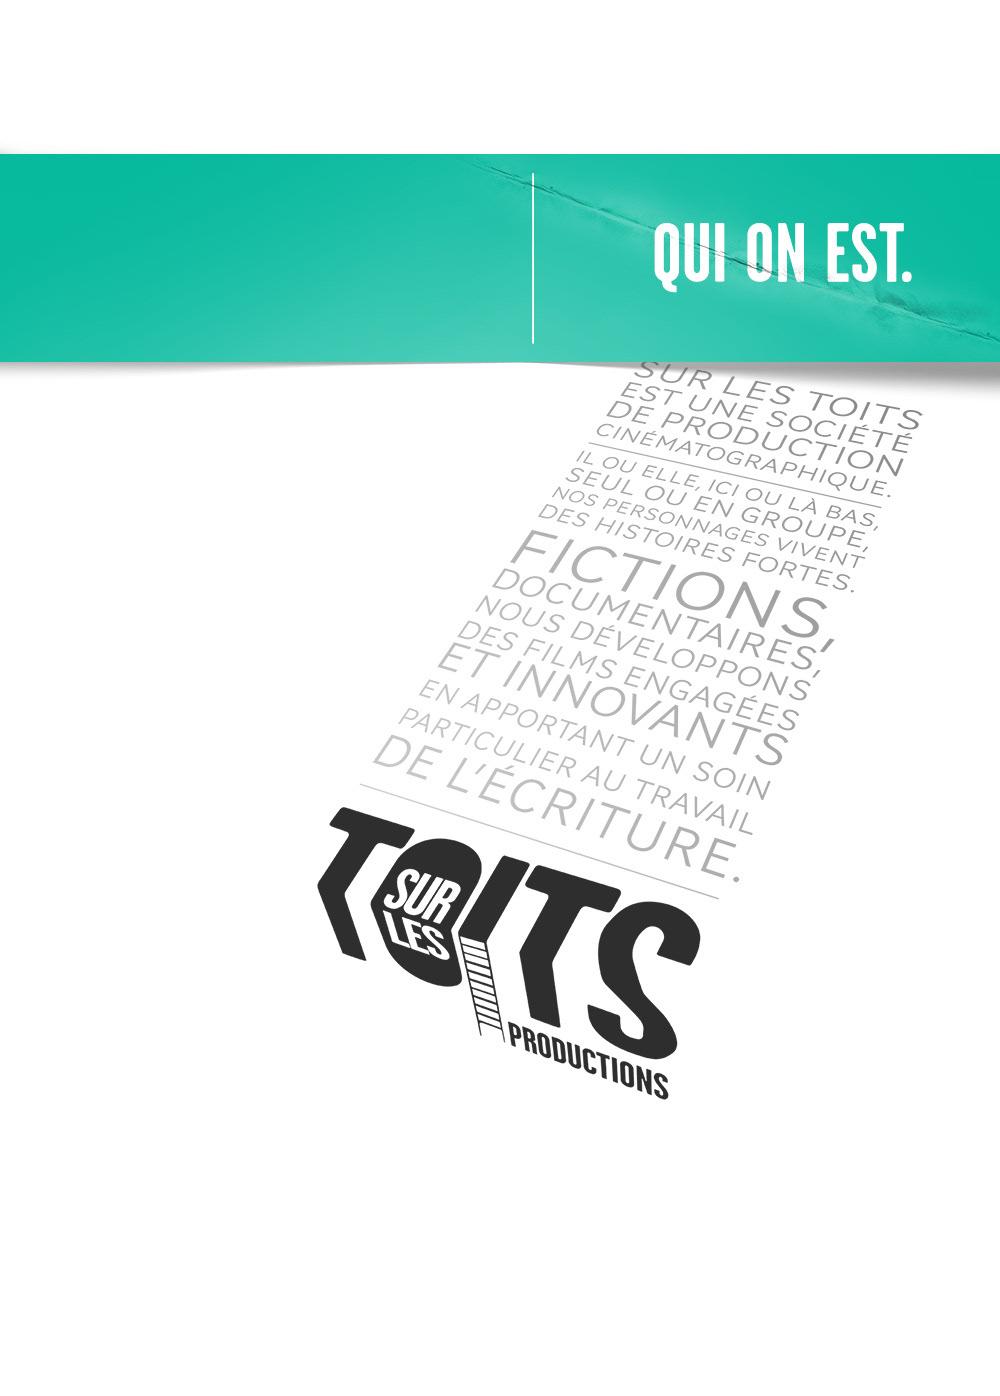 Communication Graphique De La Societe Production Sur Les Toits Logo Cartes Visite Dossier Presse Site Internet